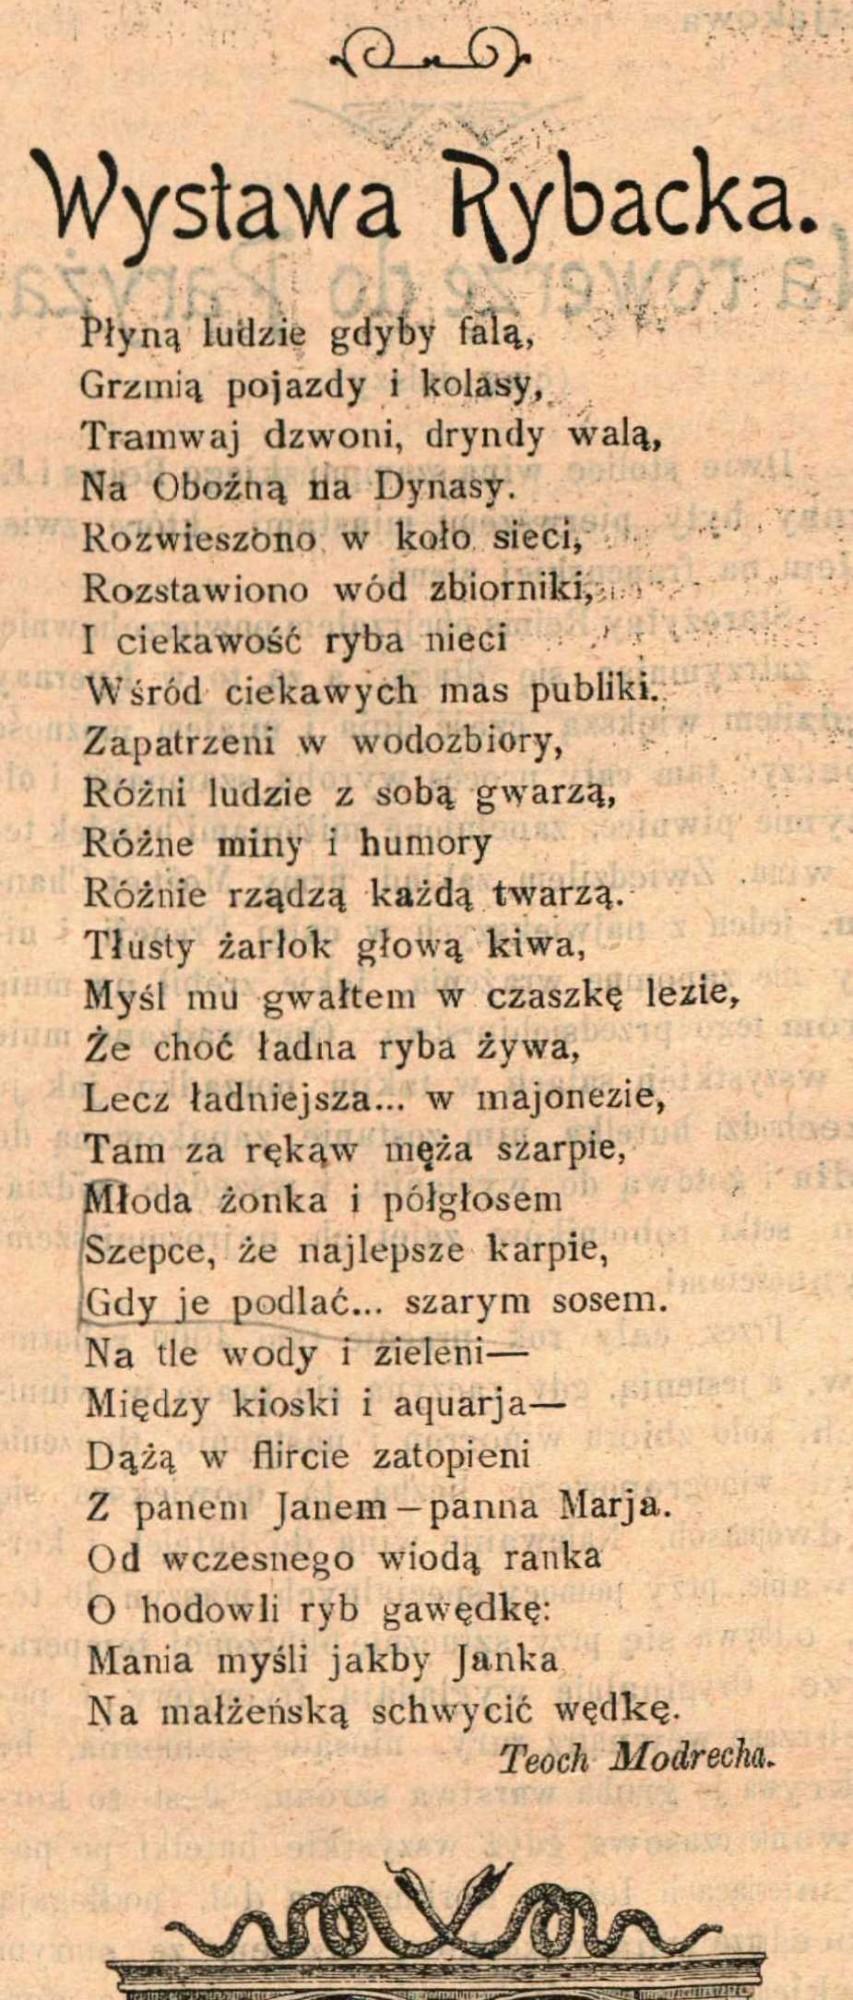 """Teoch Modrecha, mową wiązaną o wystawie rybackiej: """"Kolarz, Wioślarz i Łyżwiarz"""" , nr 82, 29.09.1900"""